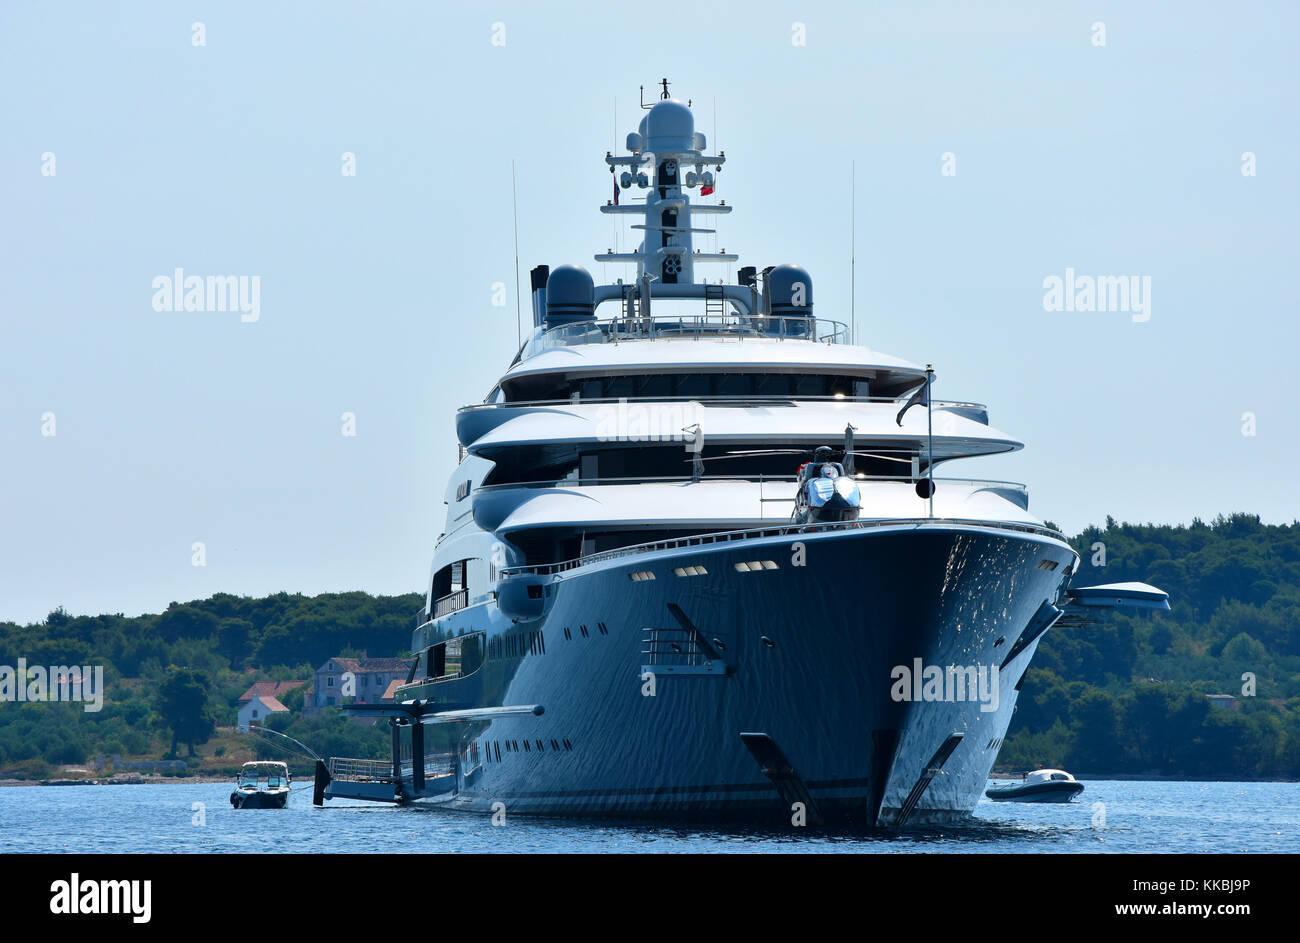 espen oeino yachts